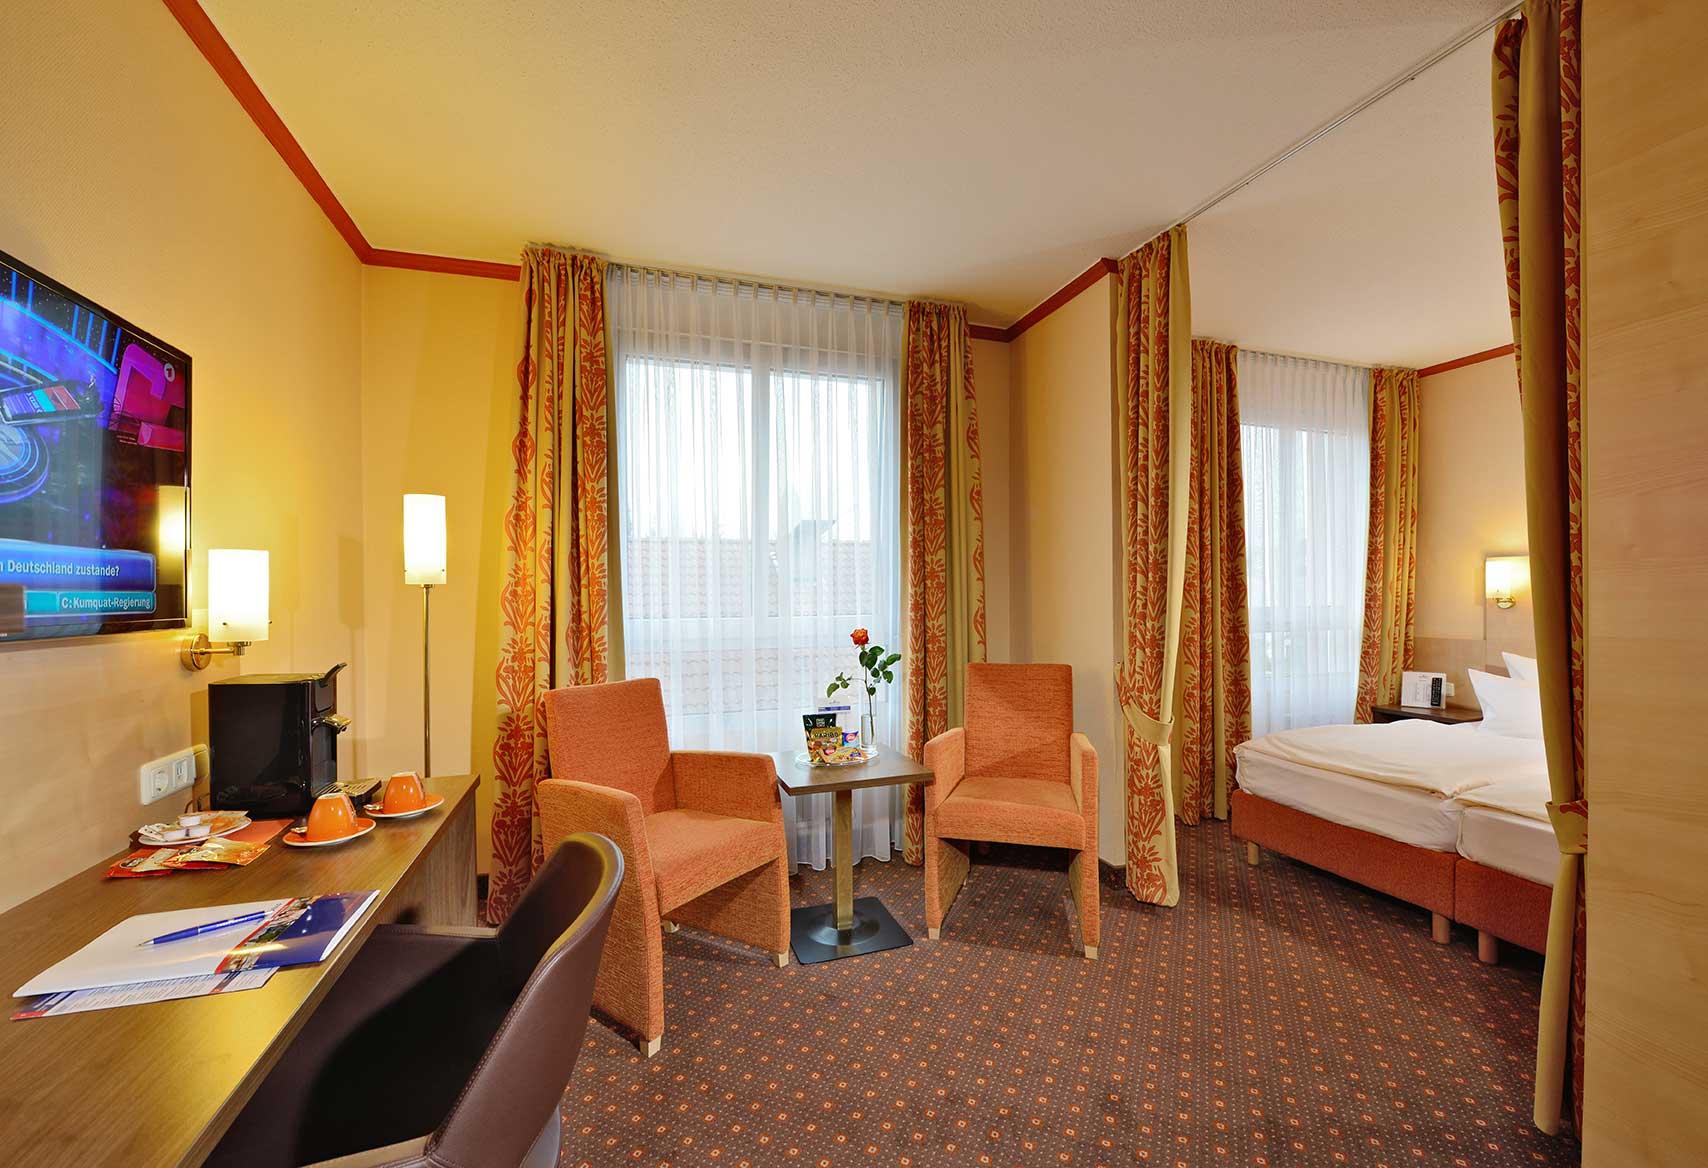 Bild der Suite im AMBER HOTEL Hilden/Düsseldorf